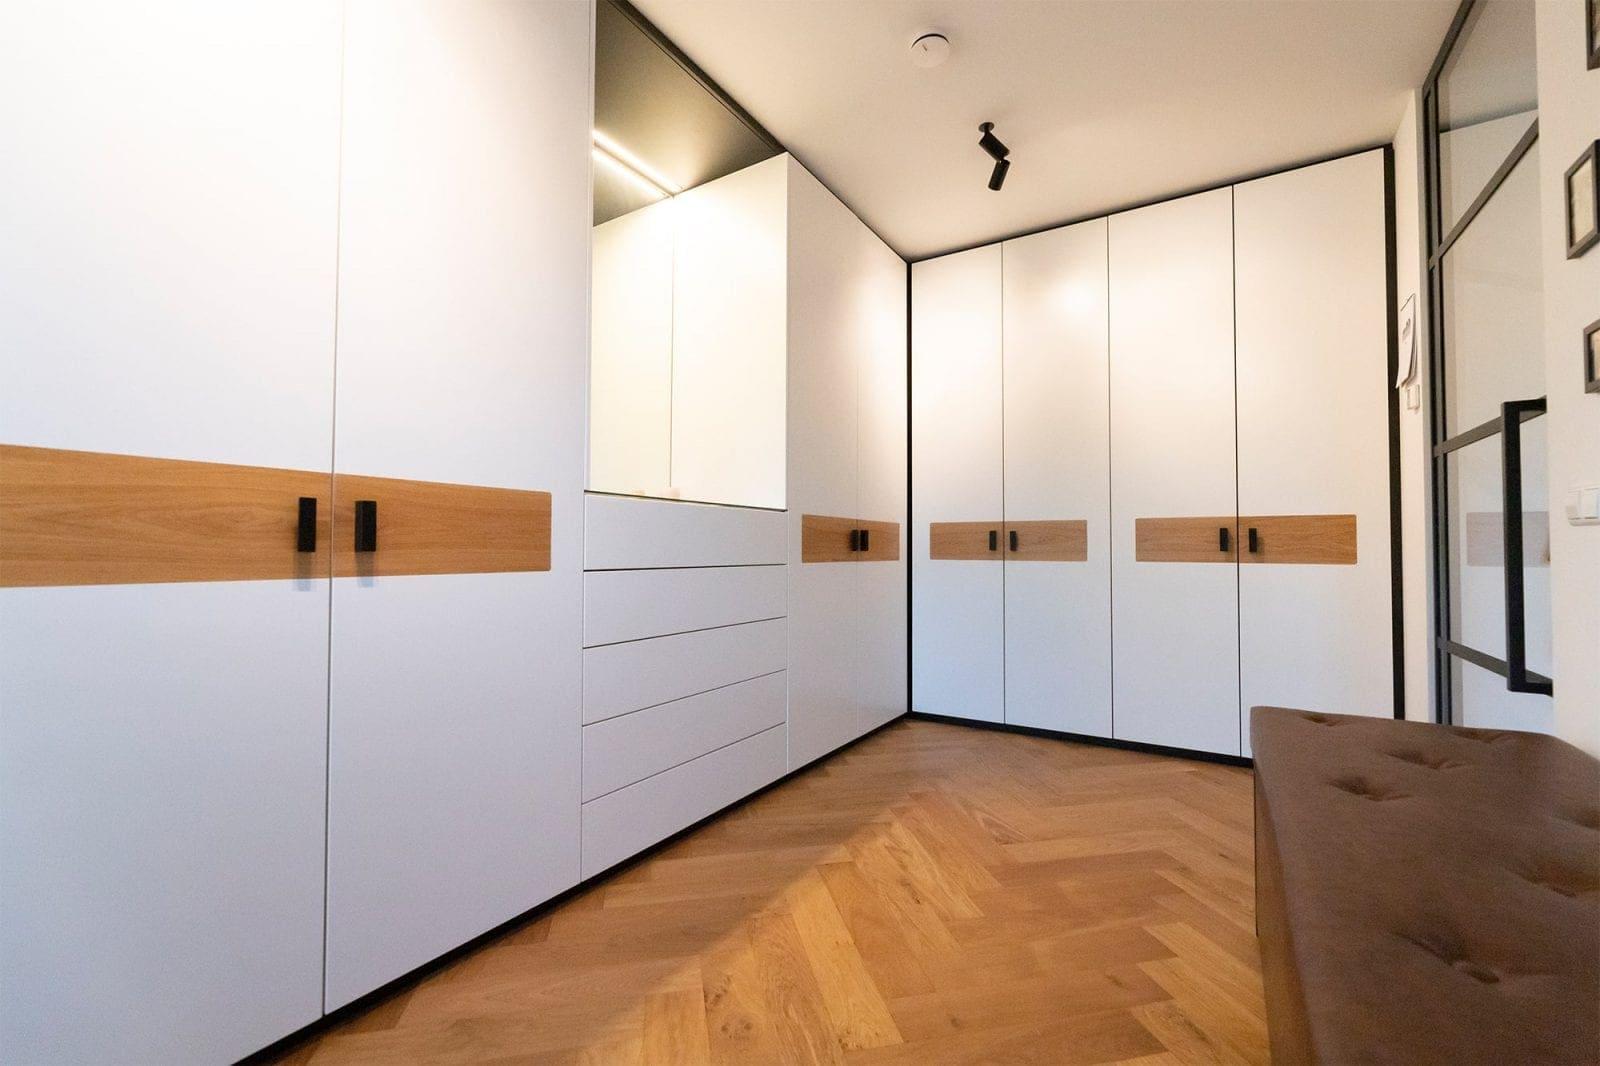 Inloopkast Op Maat gemaakt door interieurbouwer Berkel en Rodenrijs